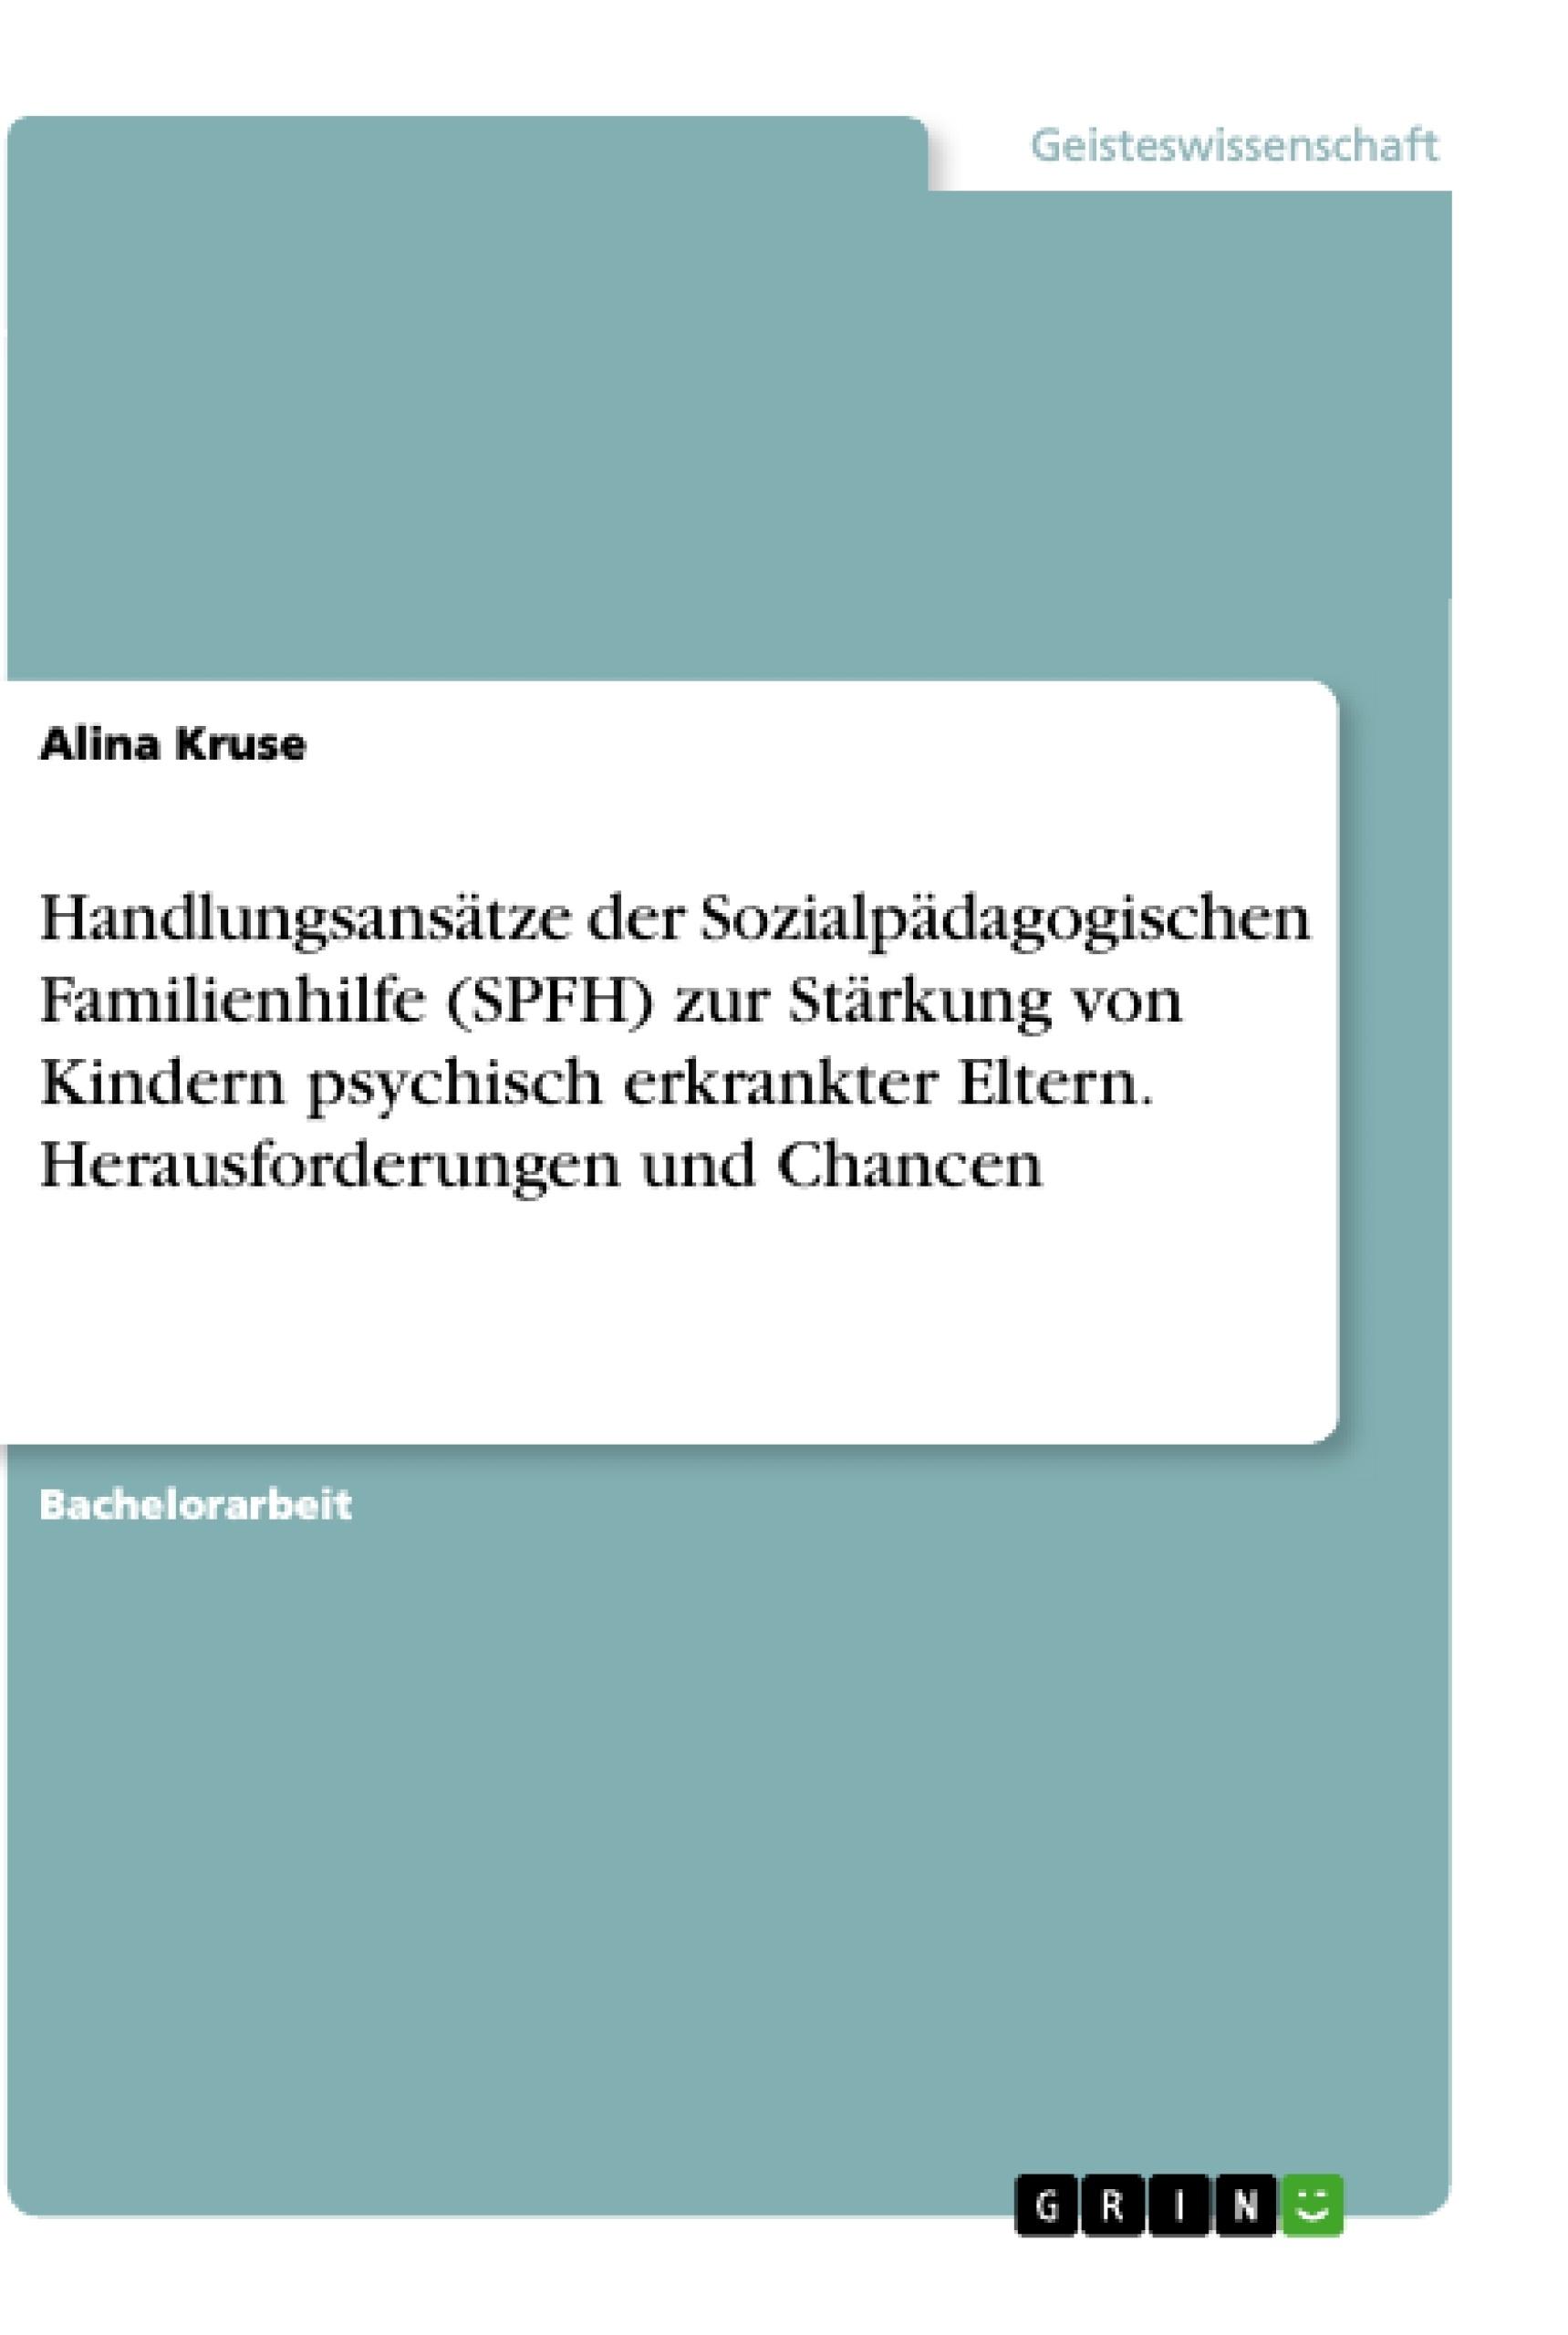 Titel: Handlungsansätze der Sozialpädagogischen Familienhilfe (SPFH) zur Stärkung von Kindern psychisch erkrankter Eltern. Herausforderungen und Chancen